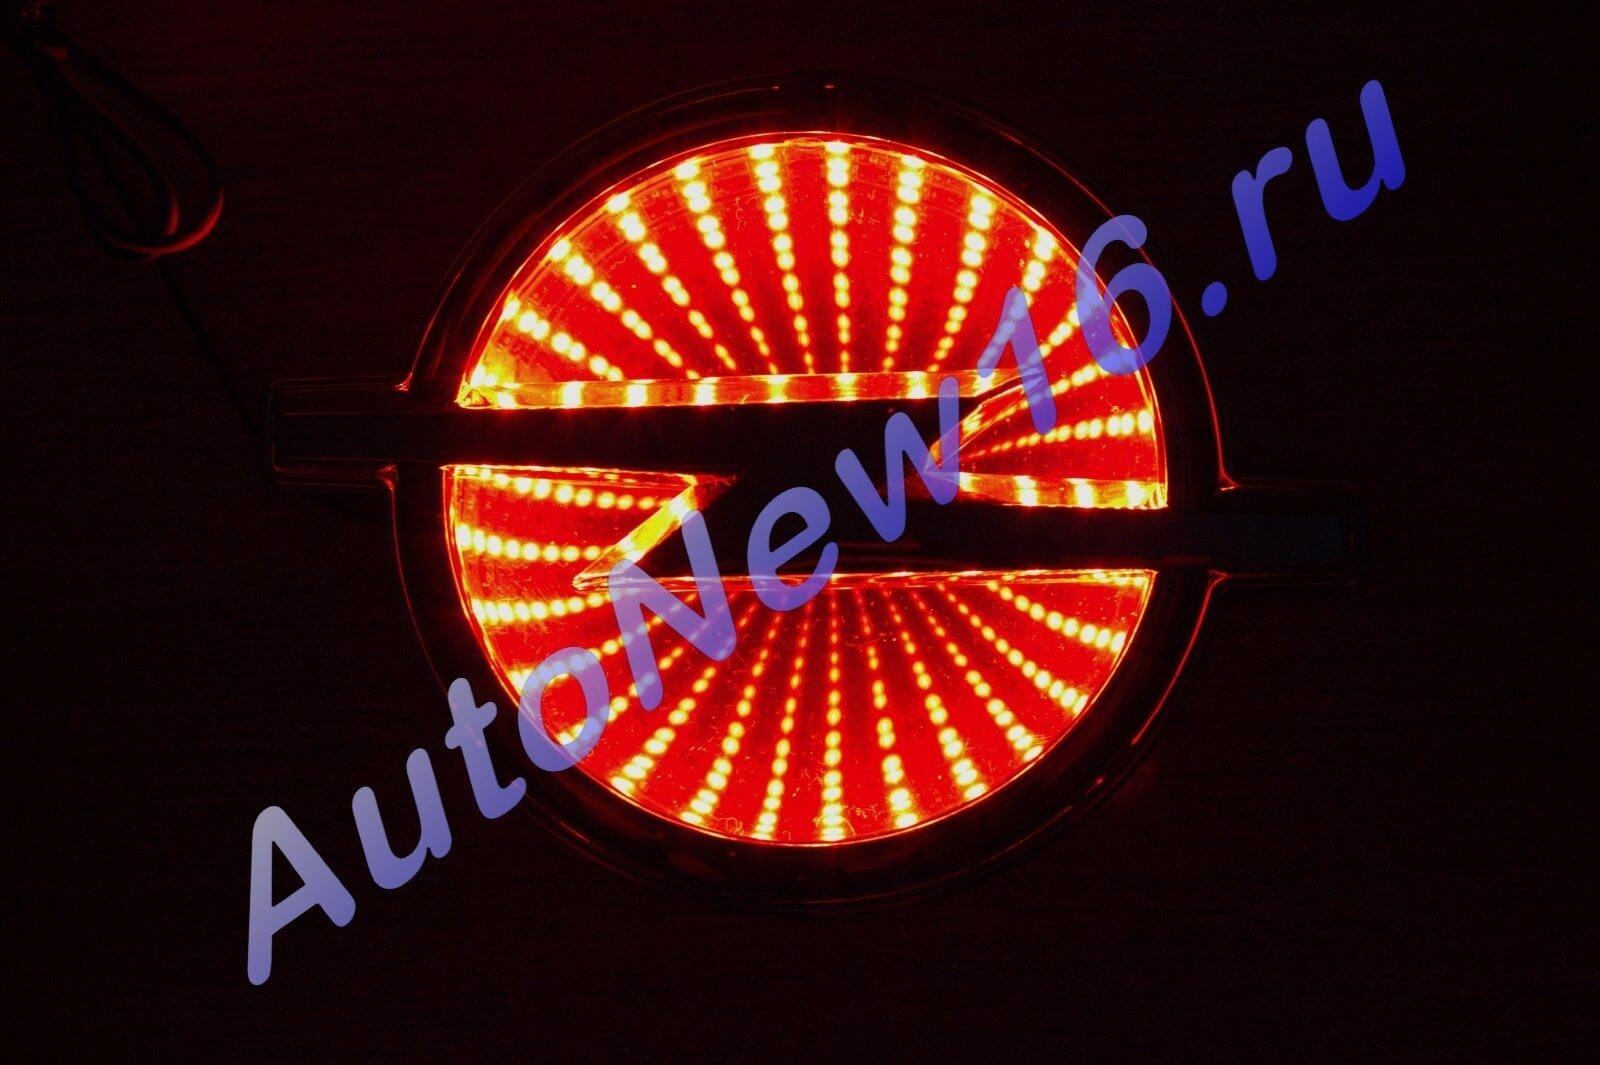 Шильдик с подсветкой Opel, фото 2